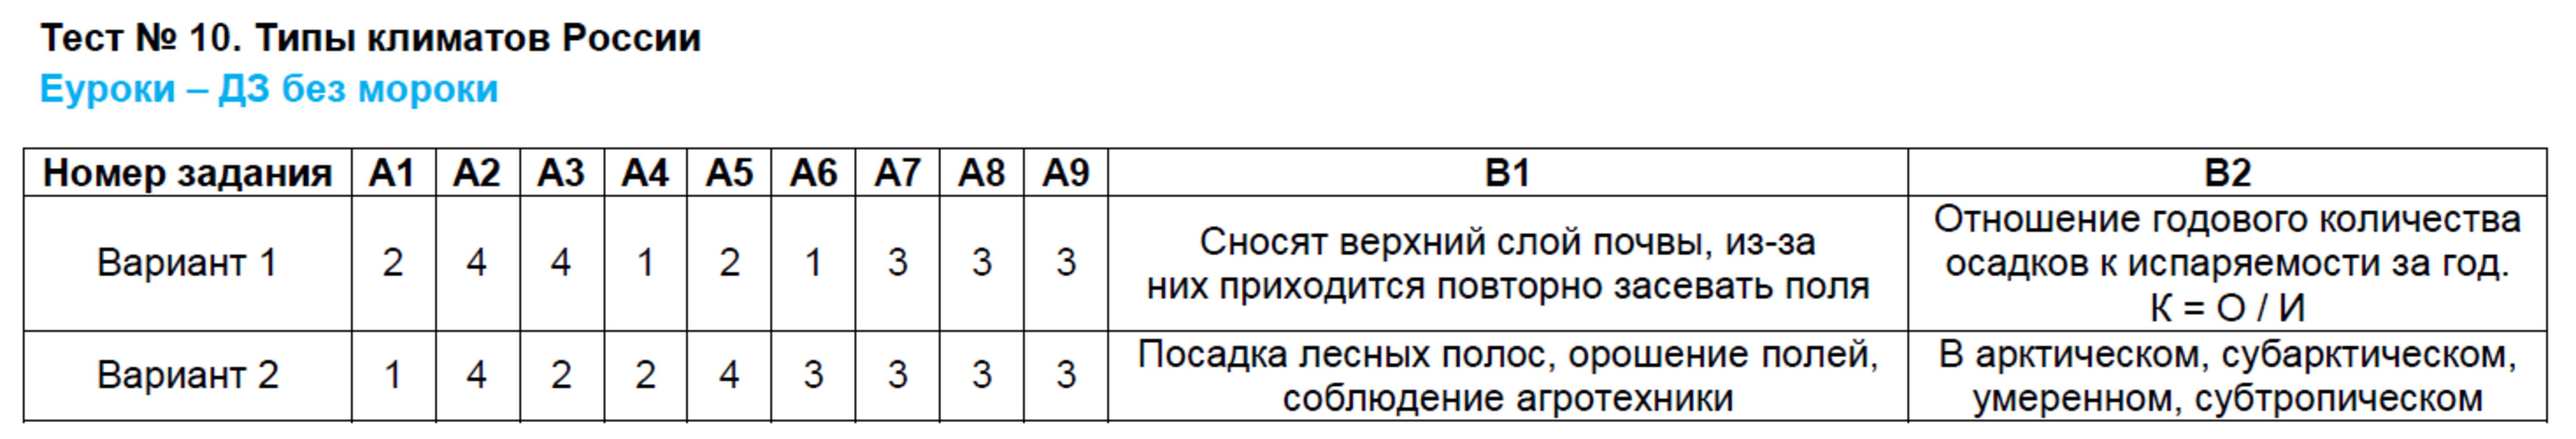 ГДЗ по географии 8 класс контрольно-измерительные материалы Жижина. Задание: Тест 10. Типы климатов России